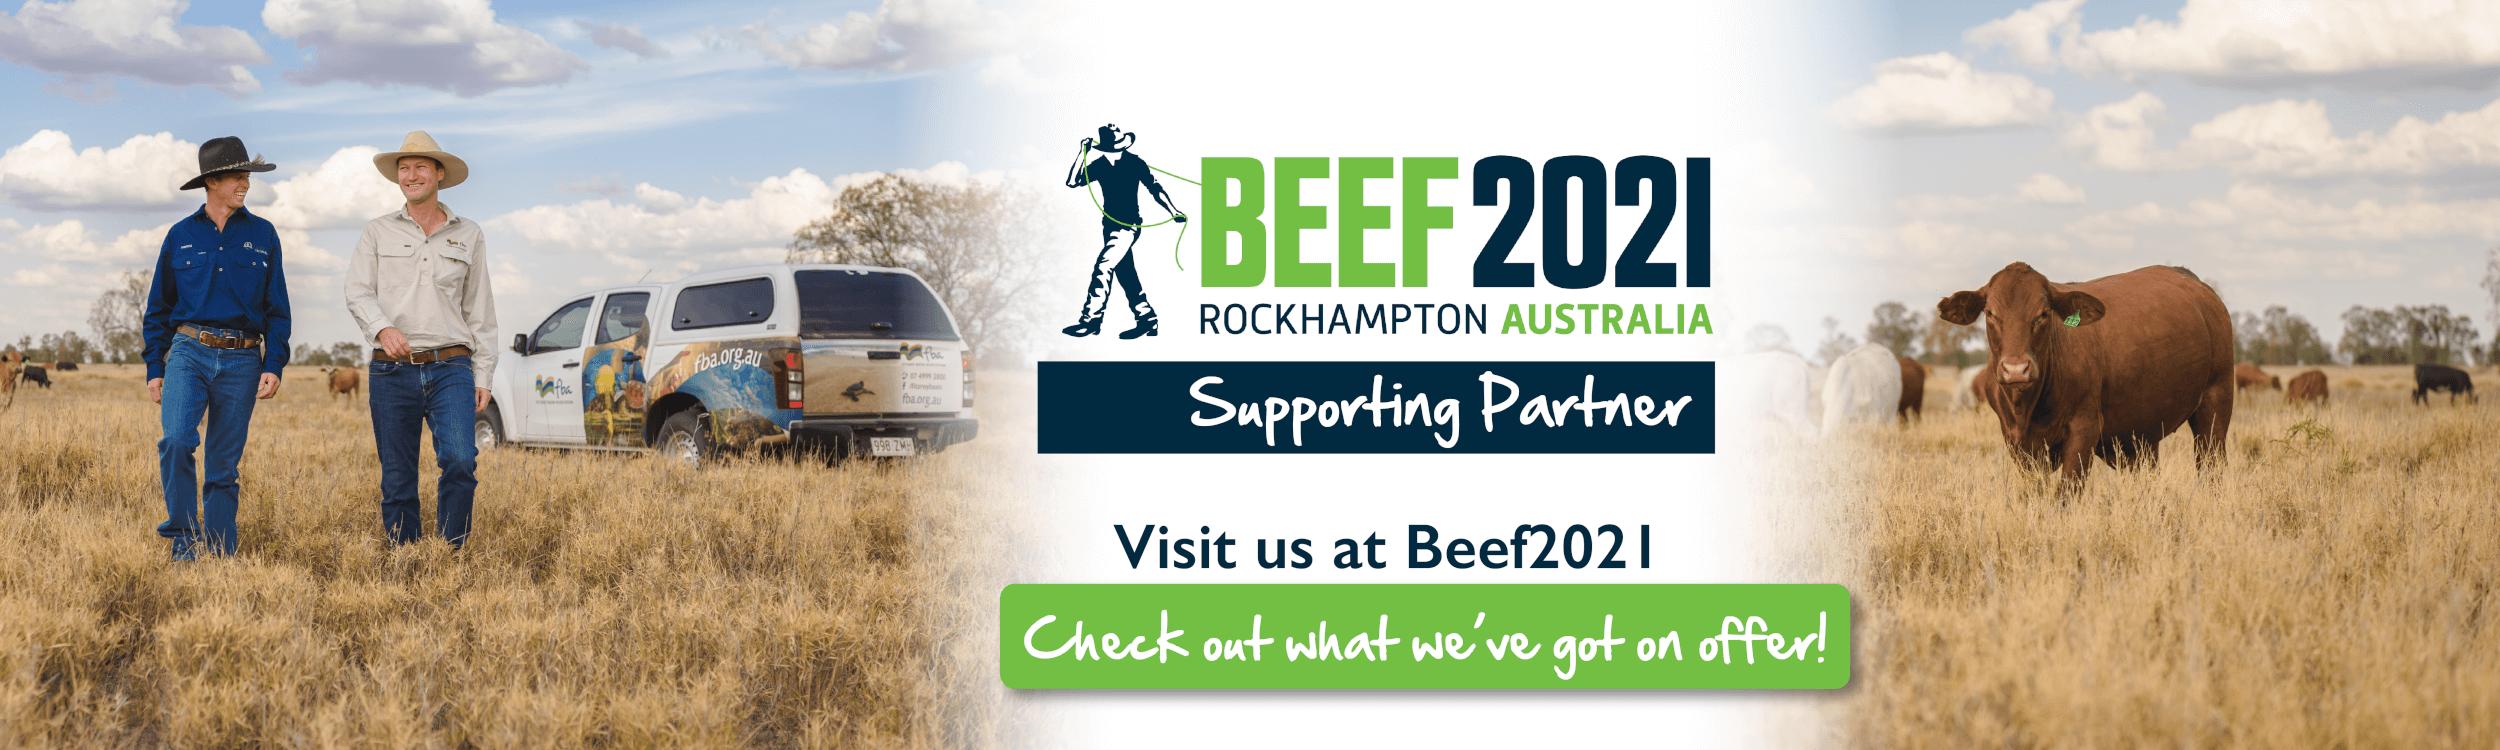 Beef2021 - Beef Week Rockhampton